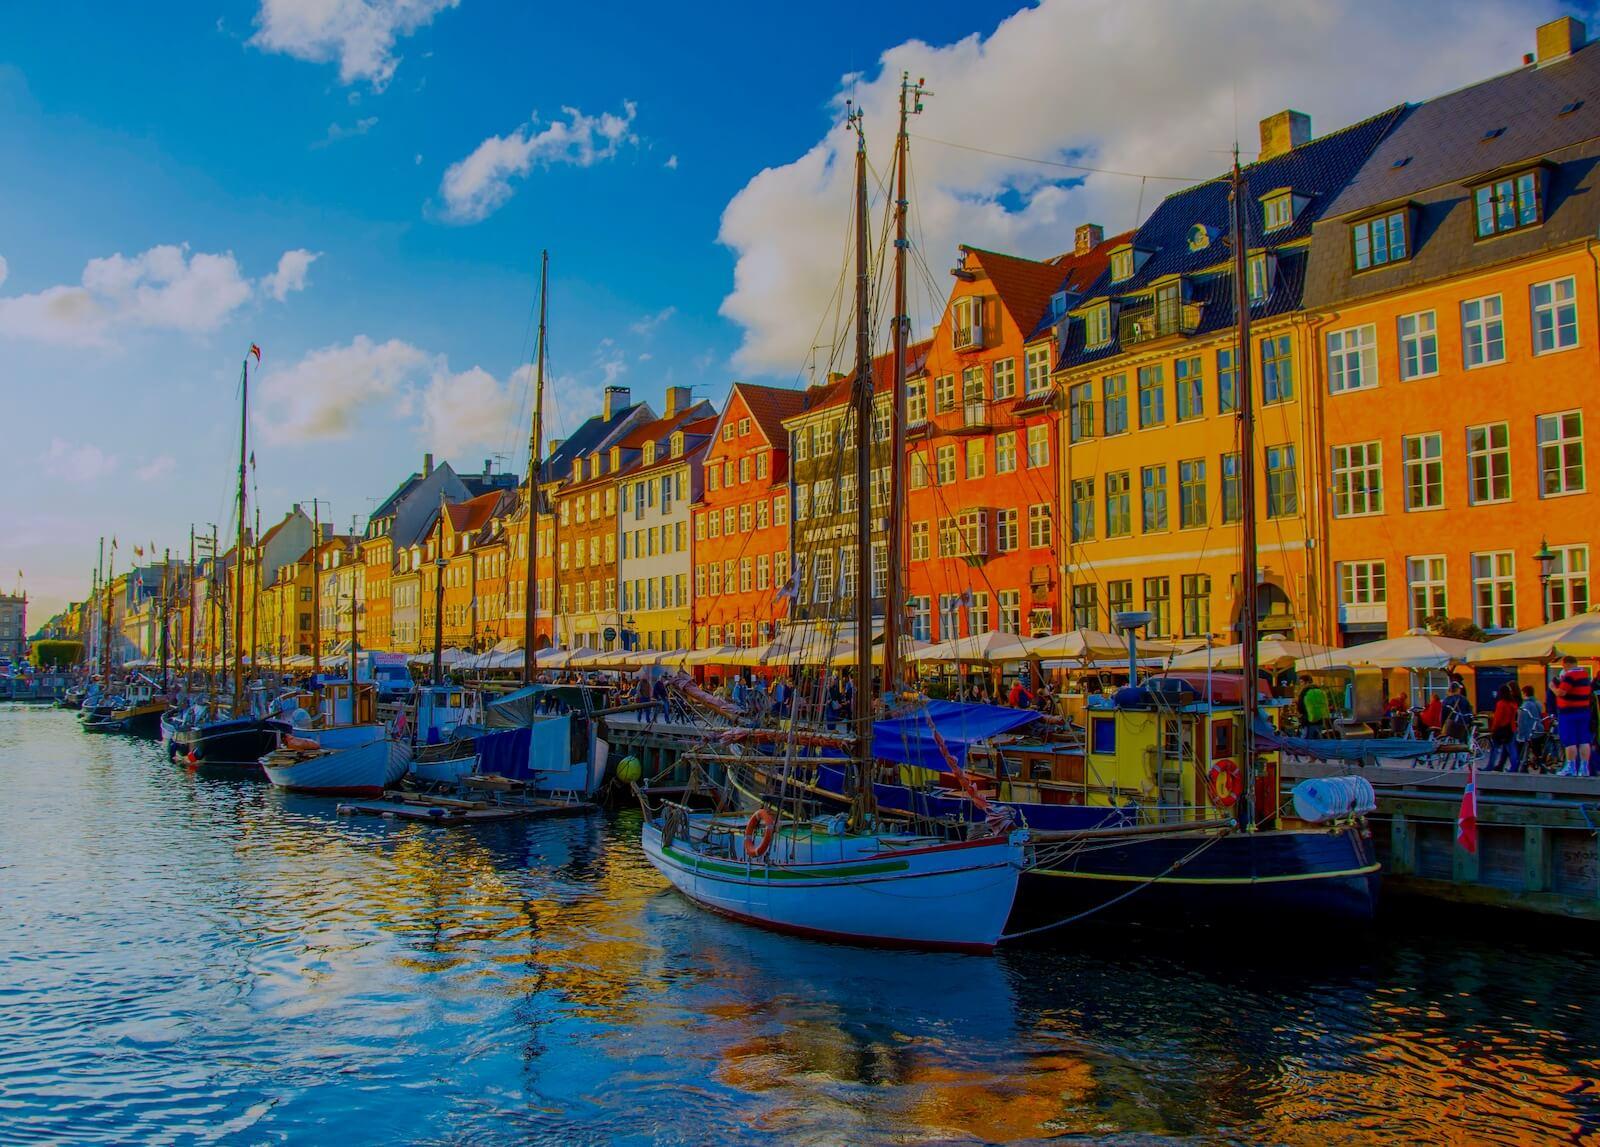 Vape Scandinavia 2019 | Vape Expo 2019 in Copenhagen, Denmark